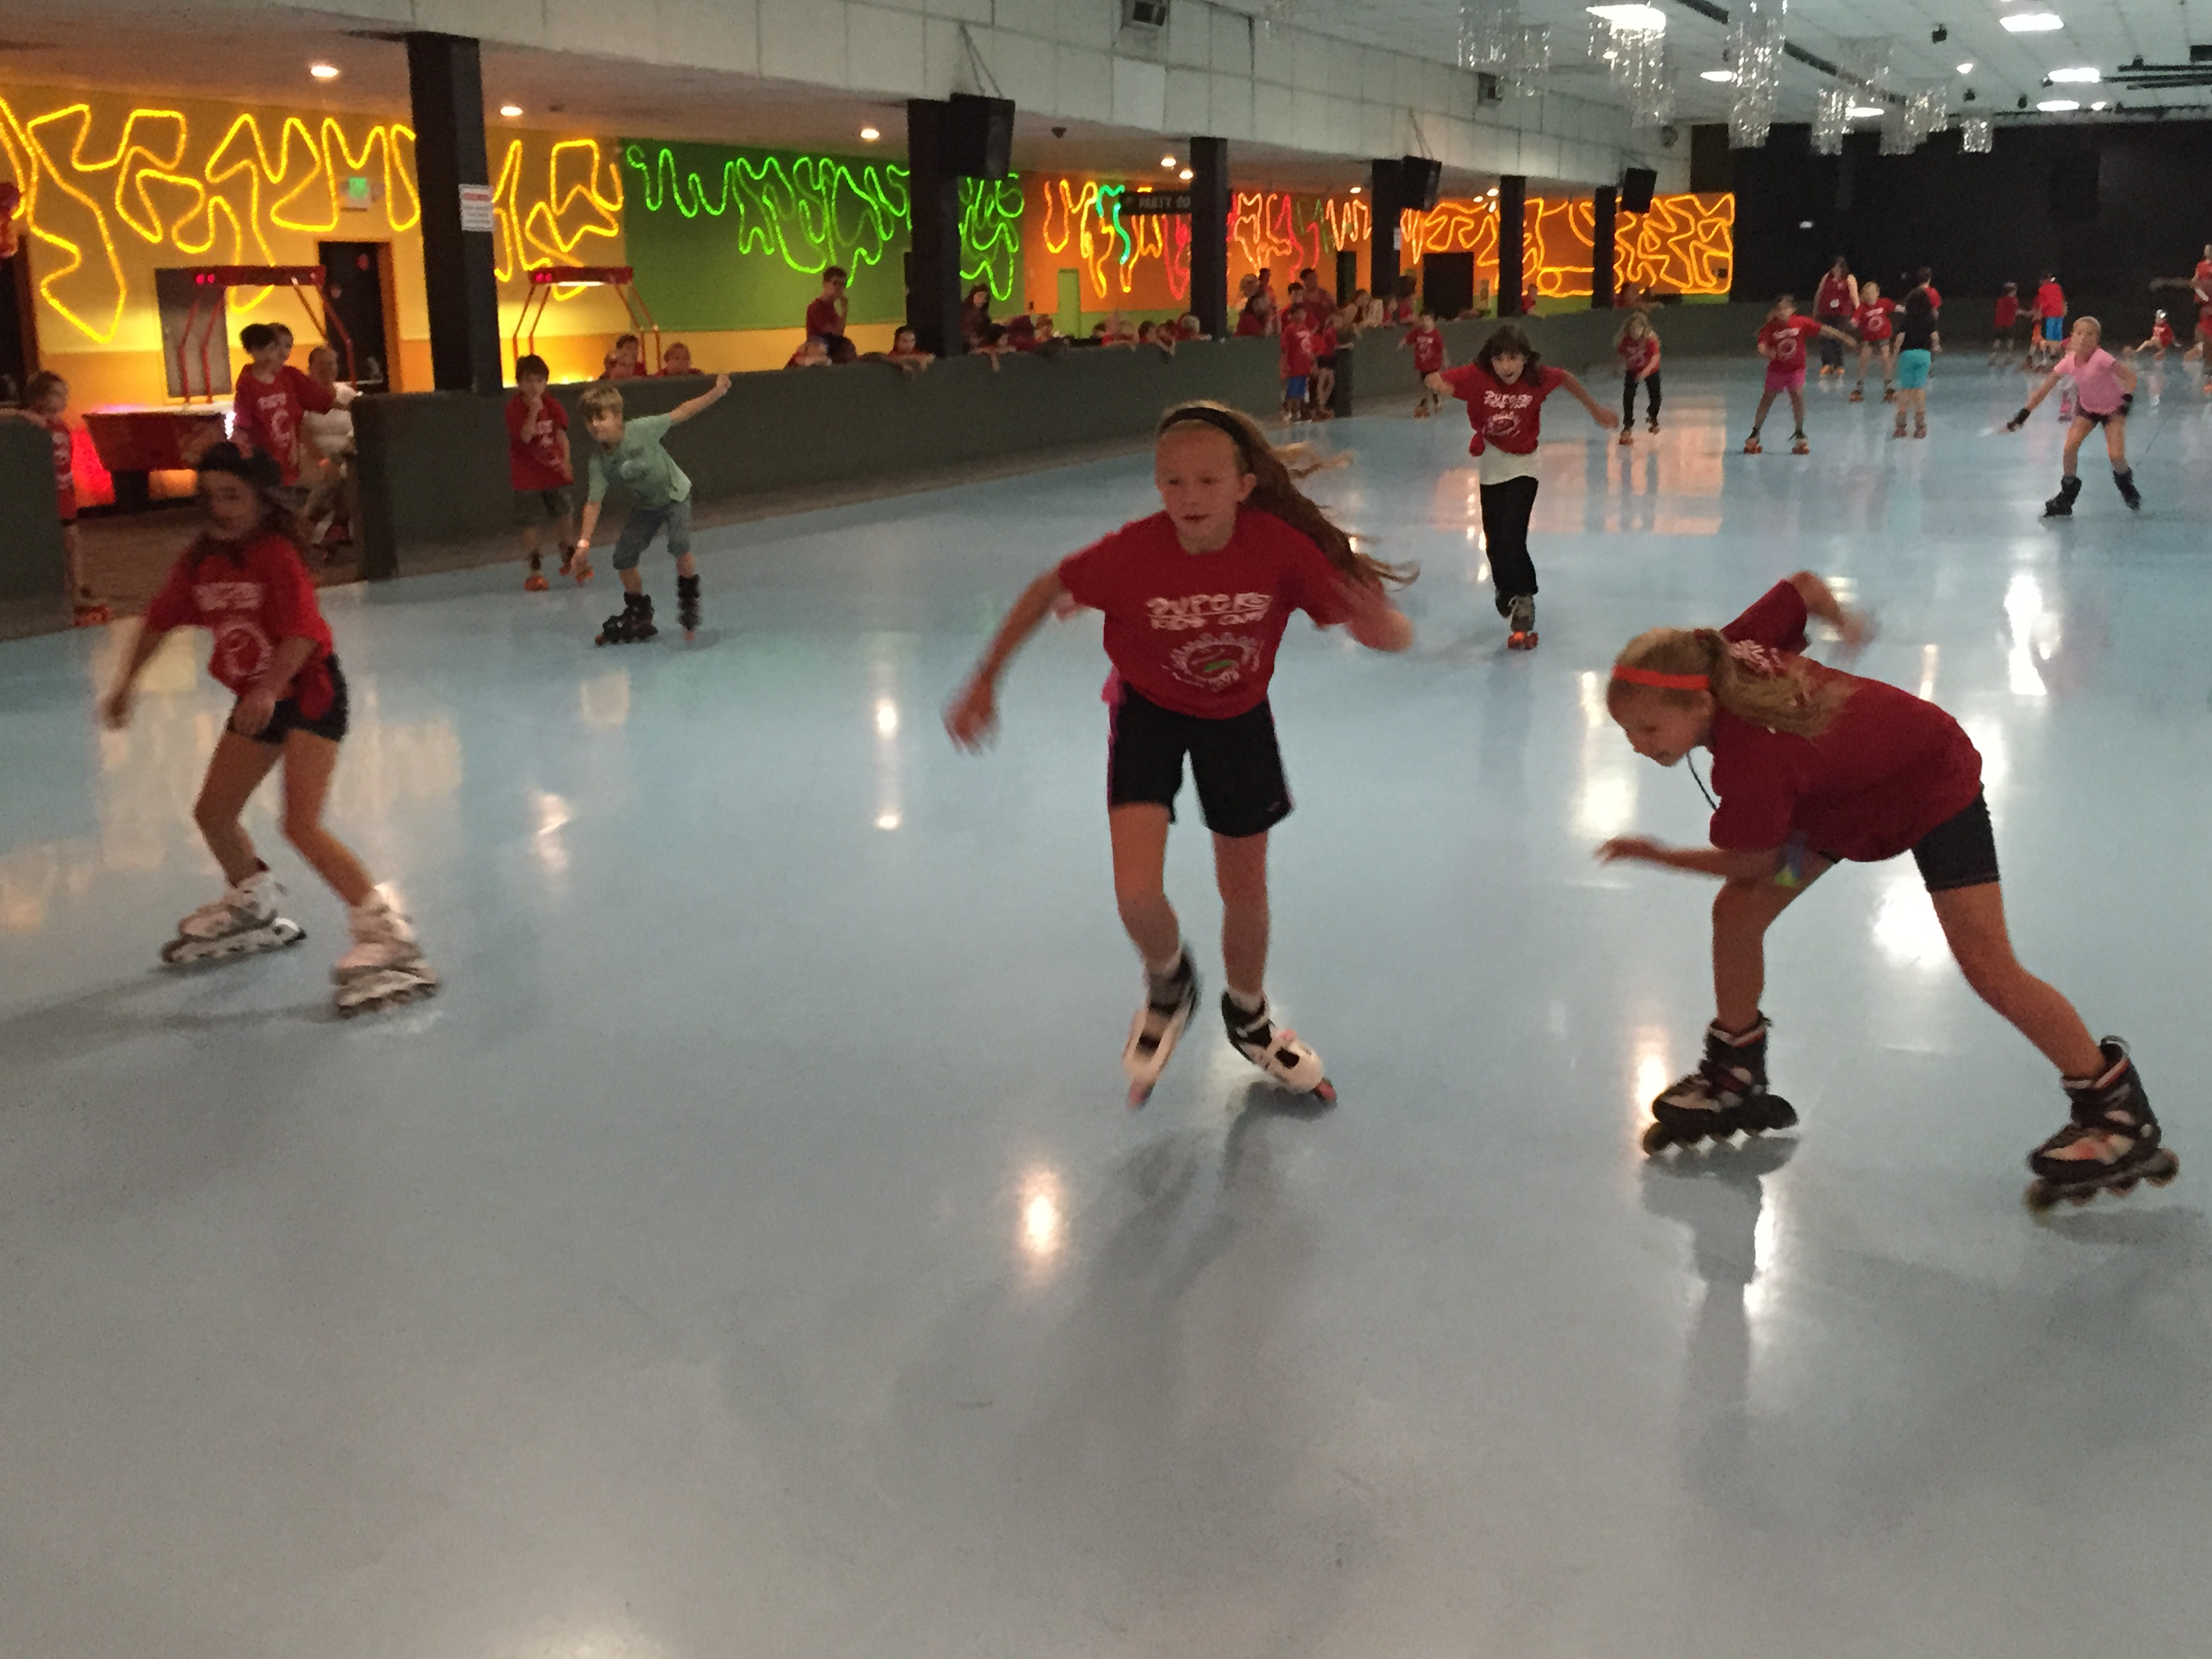 Roller skating rink rohnert park - Img_4756 Img_4902 Img_4936 Session 9 Cal Skate 5